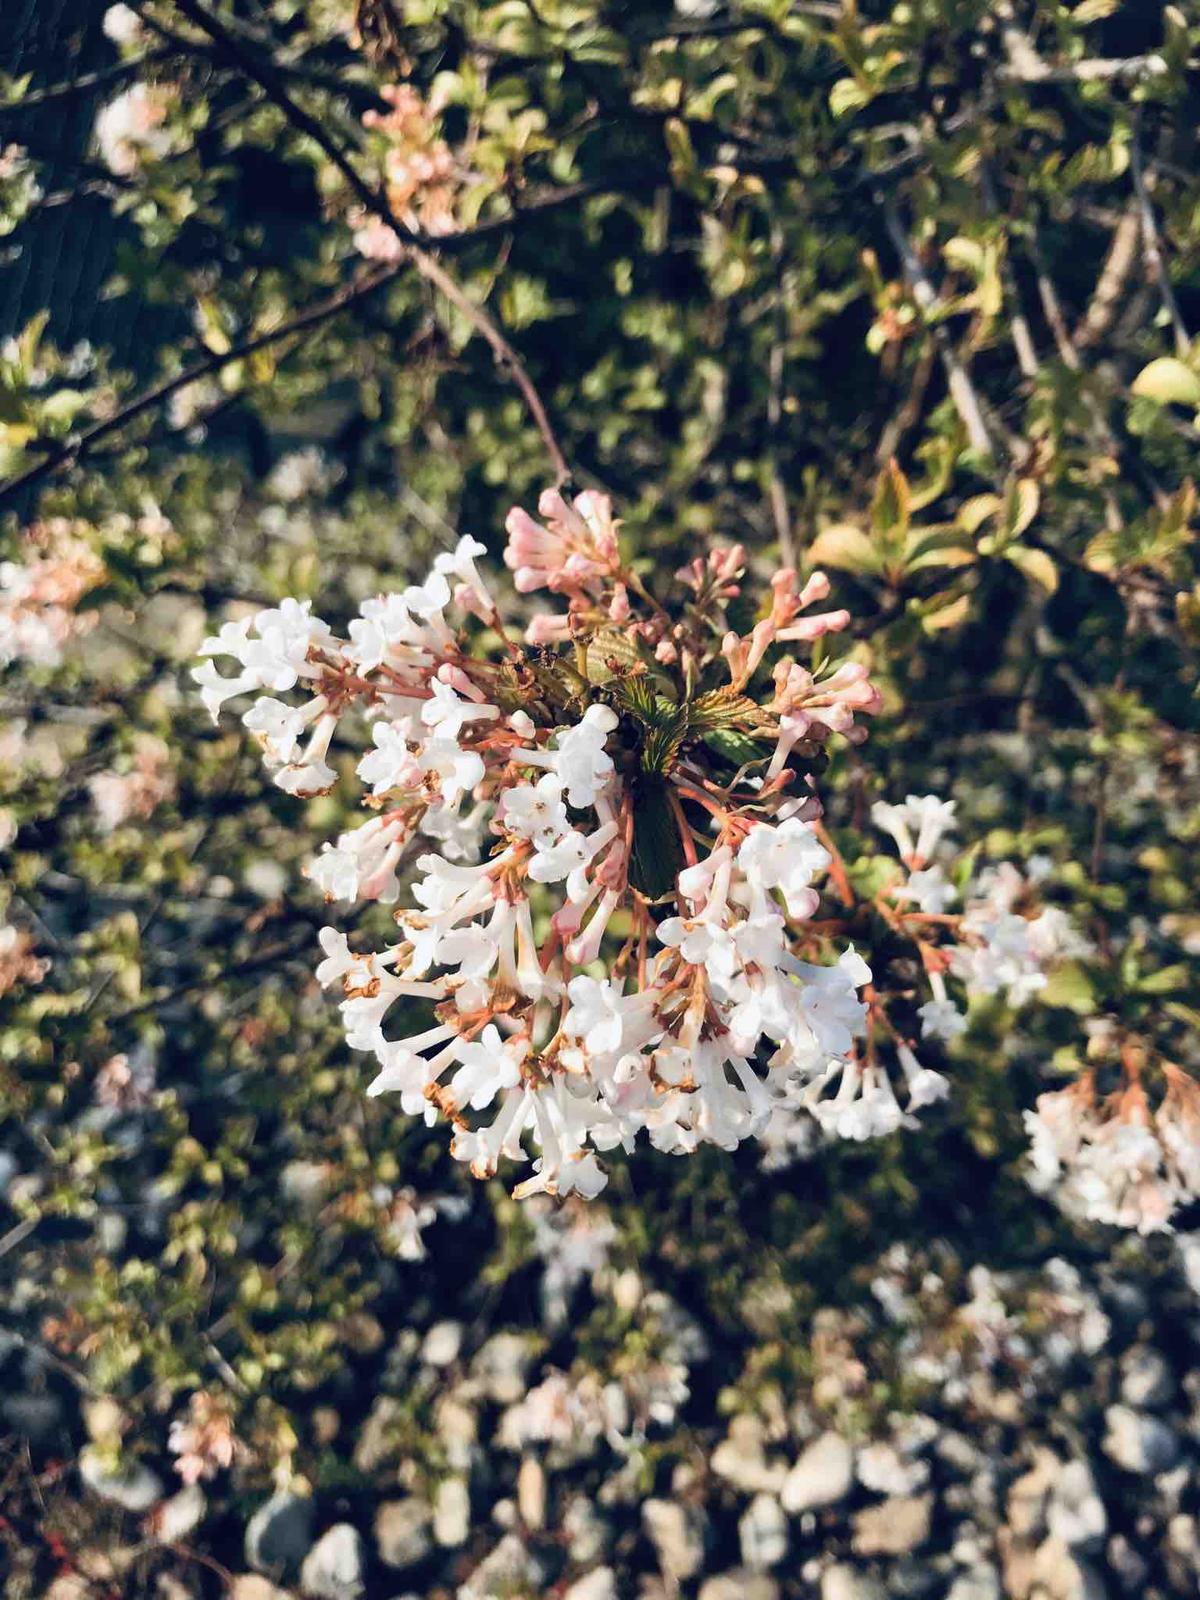 Naše barevná zahrada 🌸 - Kalina vonná-krásně kvetla celou zimu a teď pokračuje 🌸 a ta vůně